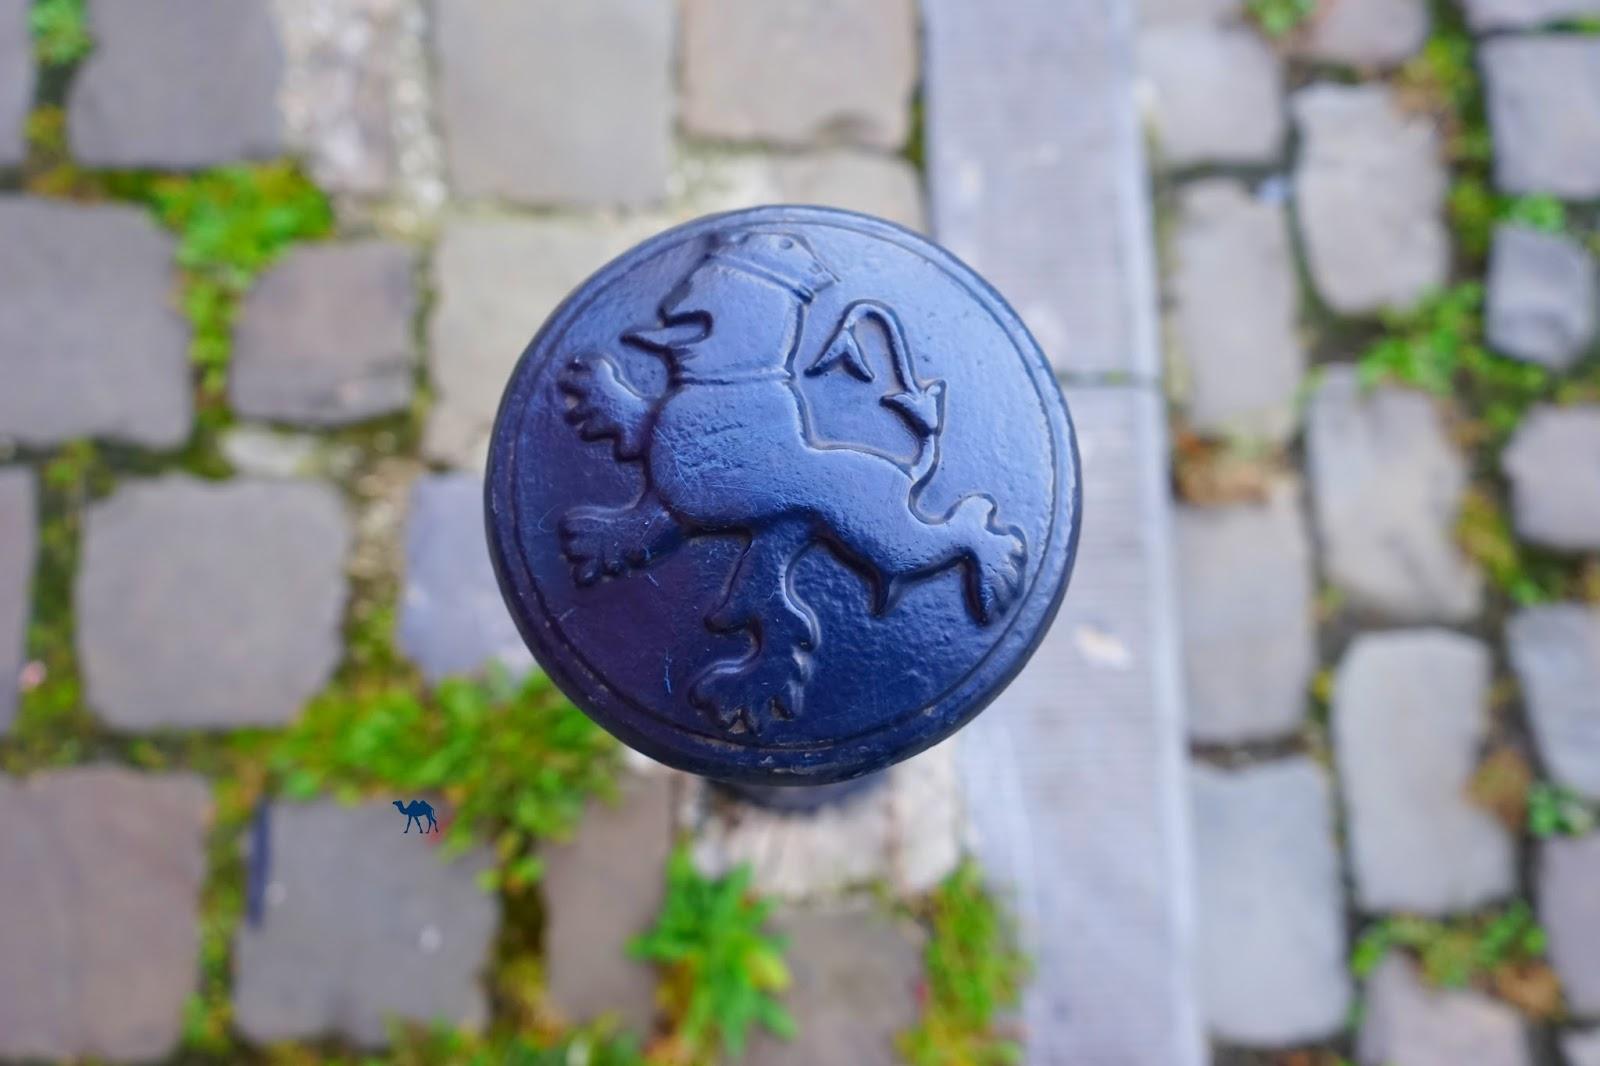 Le Chameau Bleu  -  Charme de la ville de Gand - Ghent Gent belgique